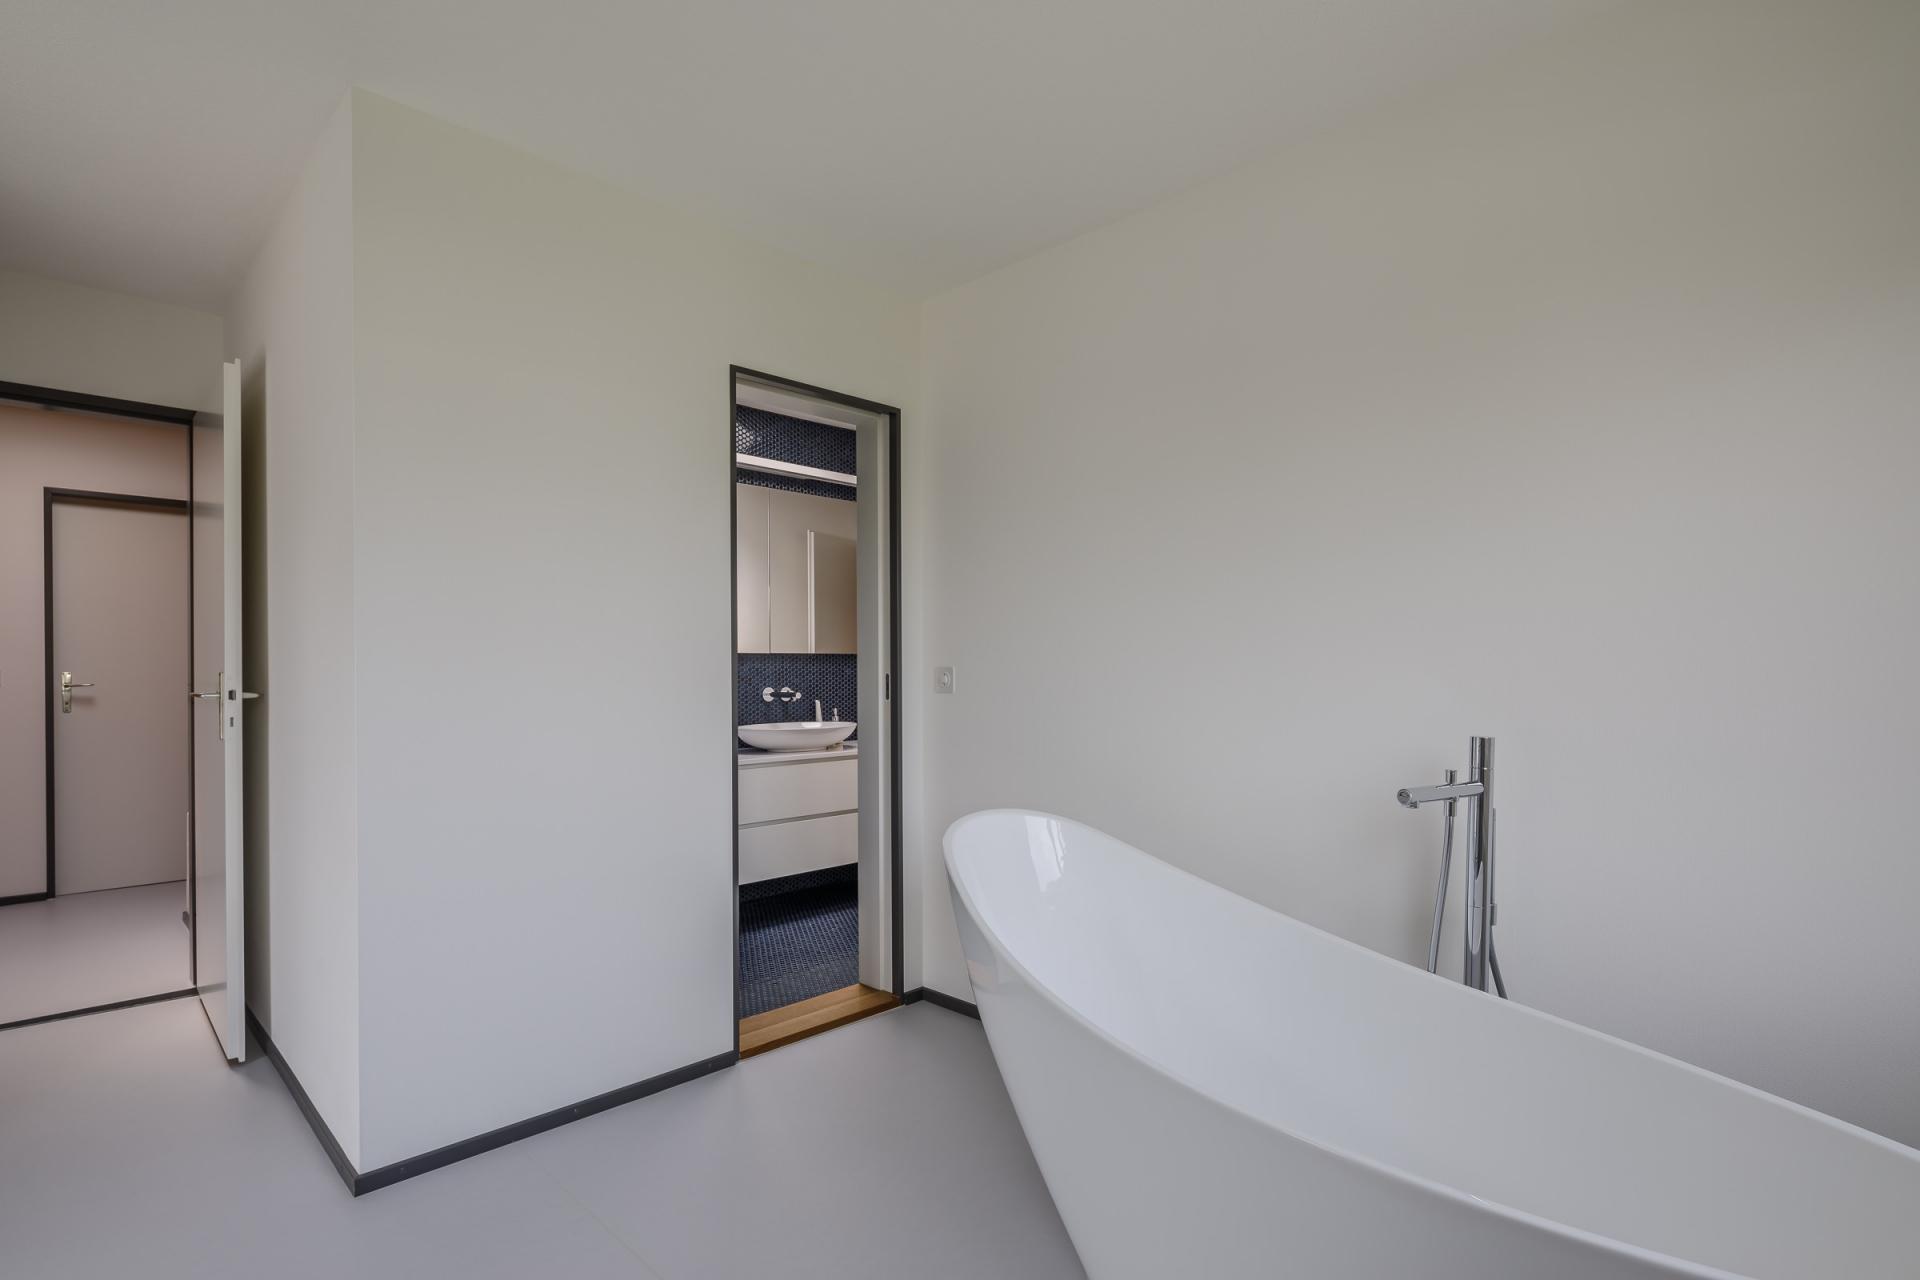 buan-architekten-umbau waldstrasse-luzern-foto-ankleide-1